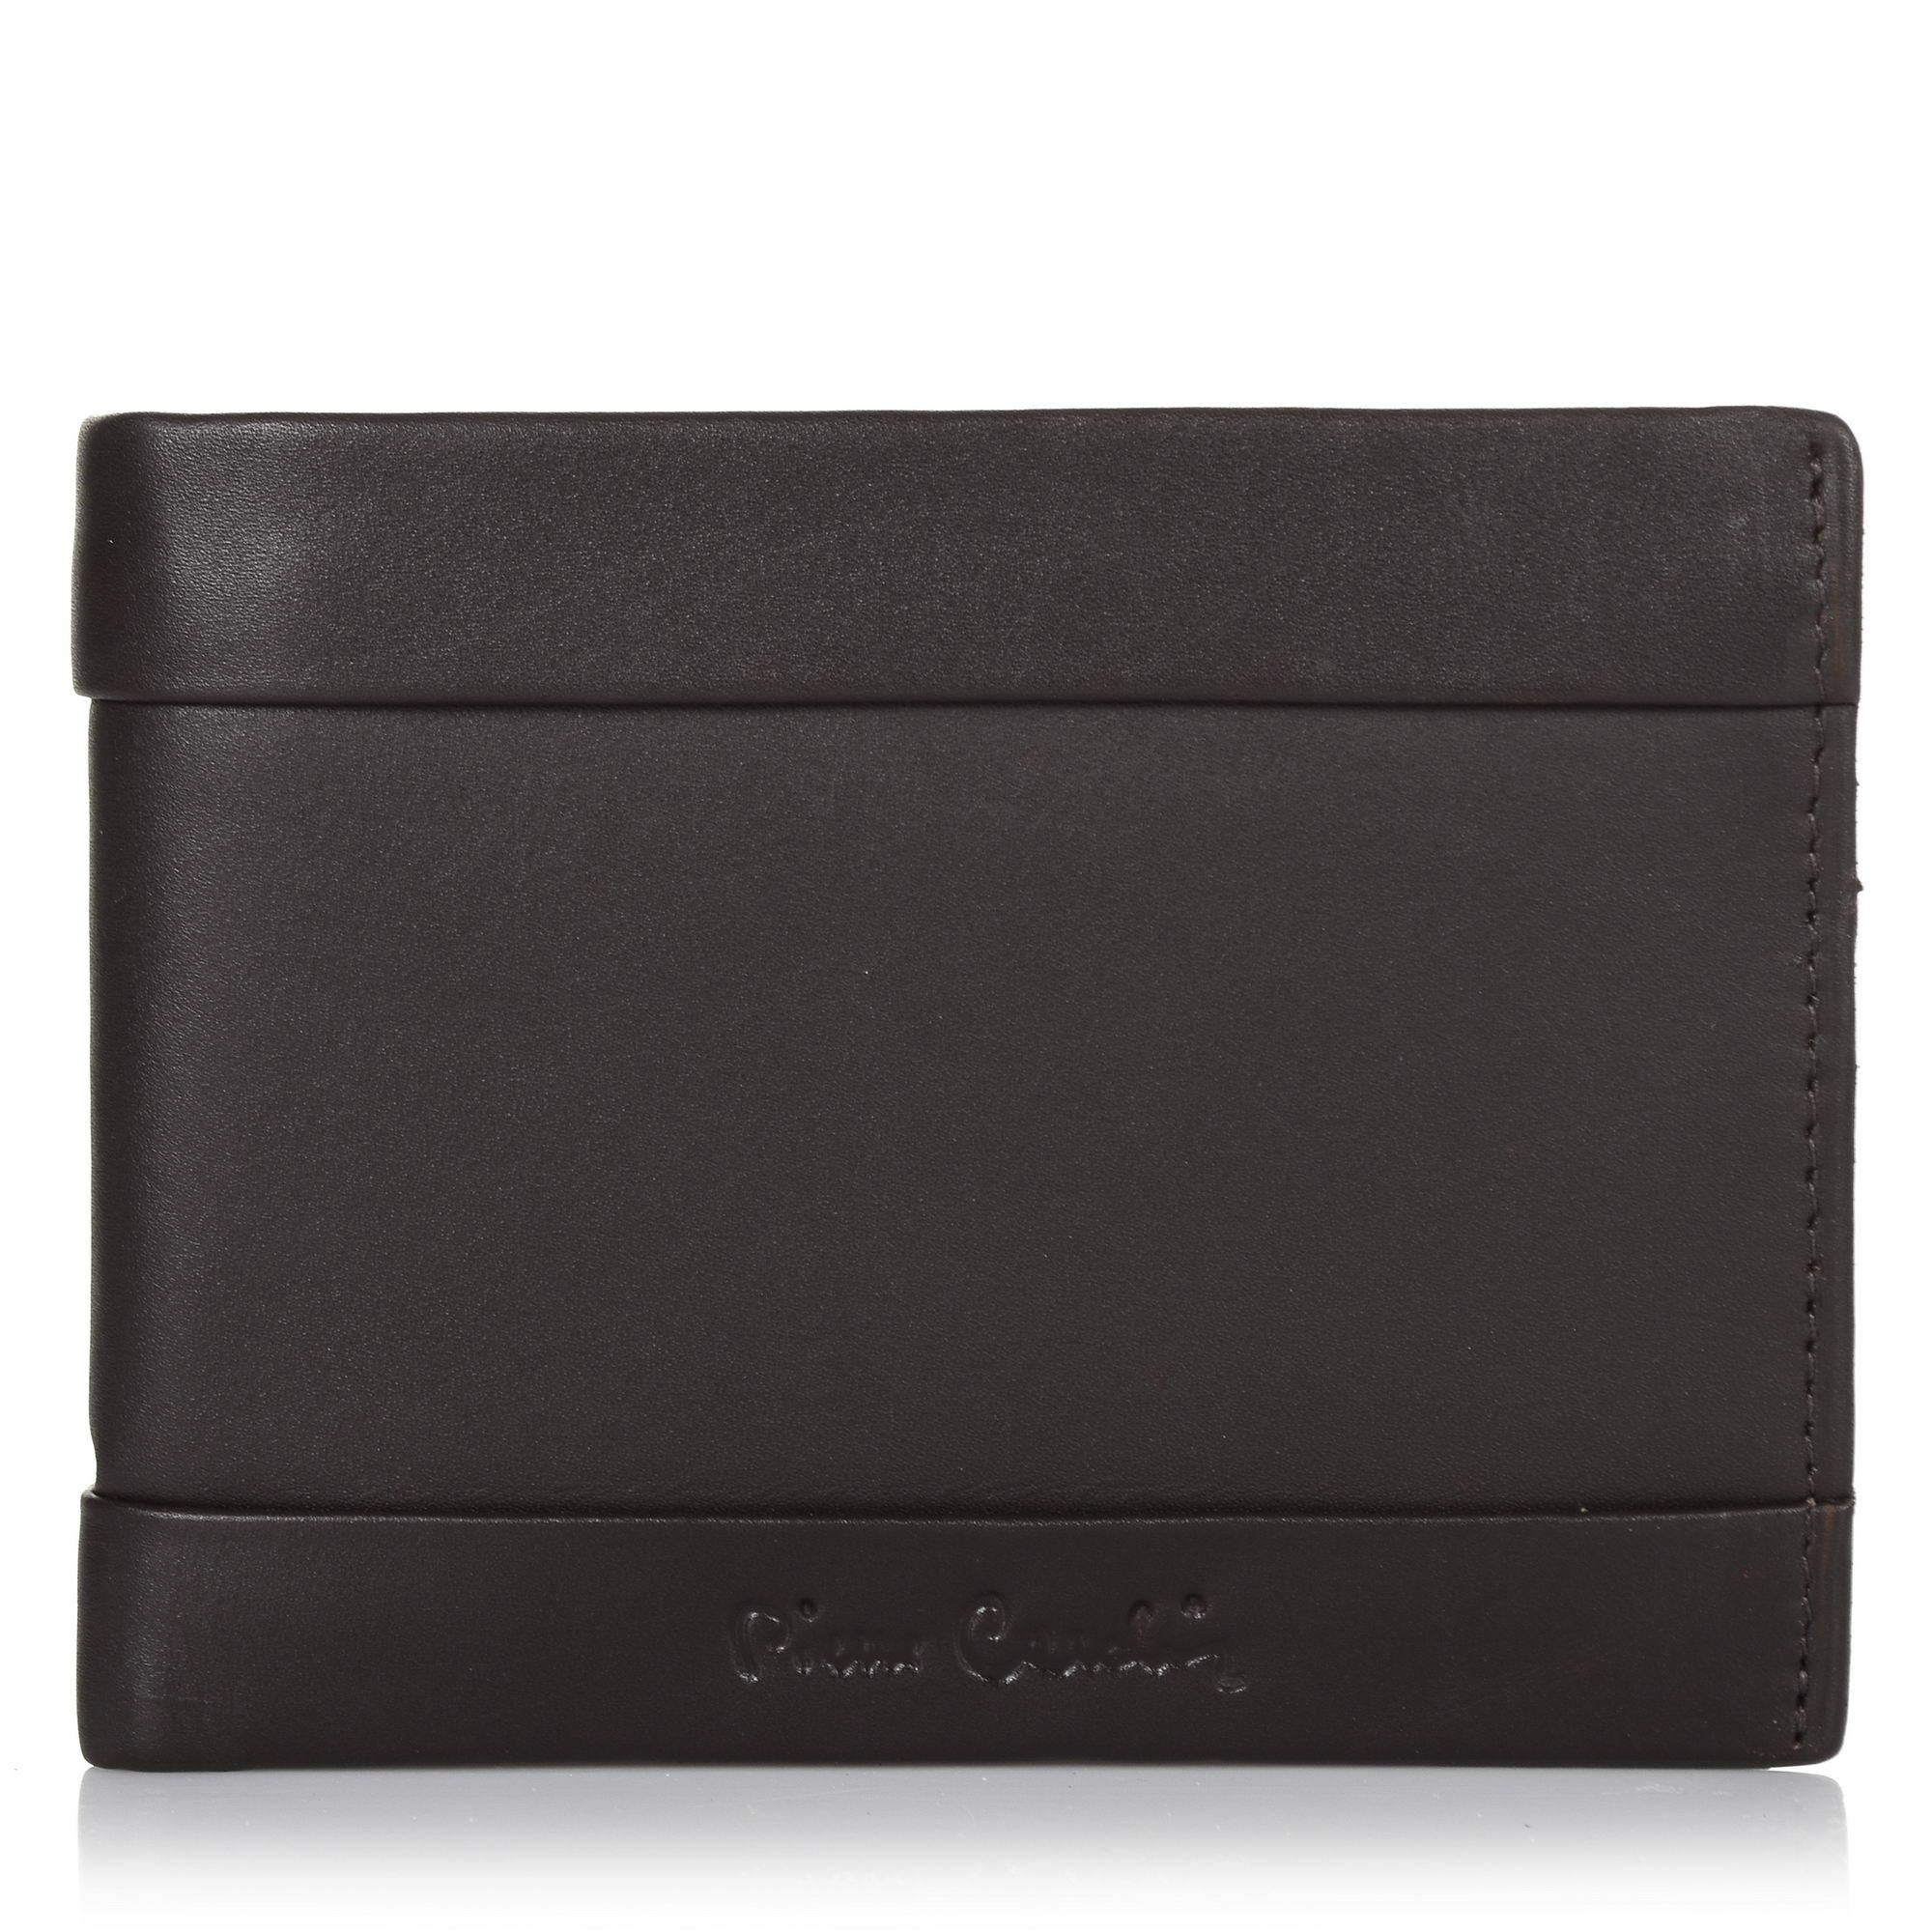 Δερμάτινο Πορτοφόλι Pierre Cardin P. Foglio 8805 ανδρας   ανδρικό πορτοφόλι